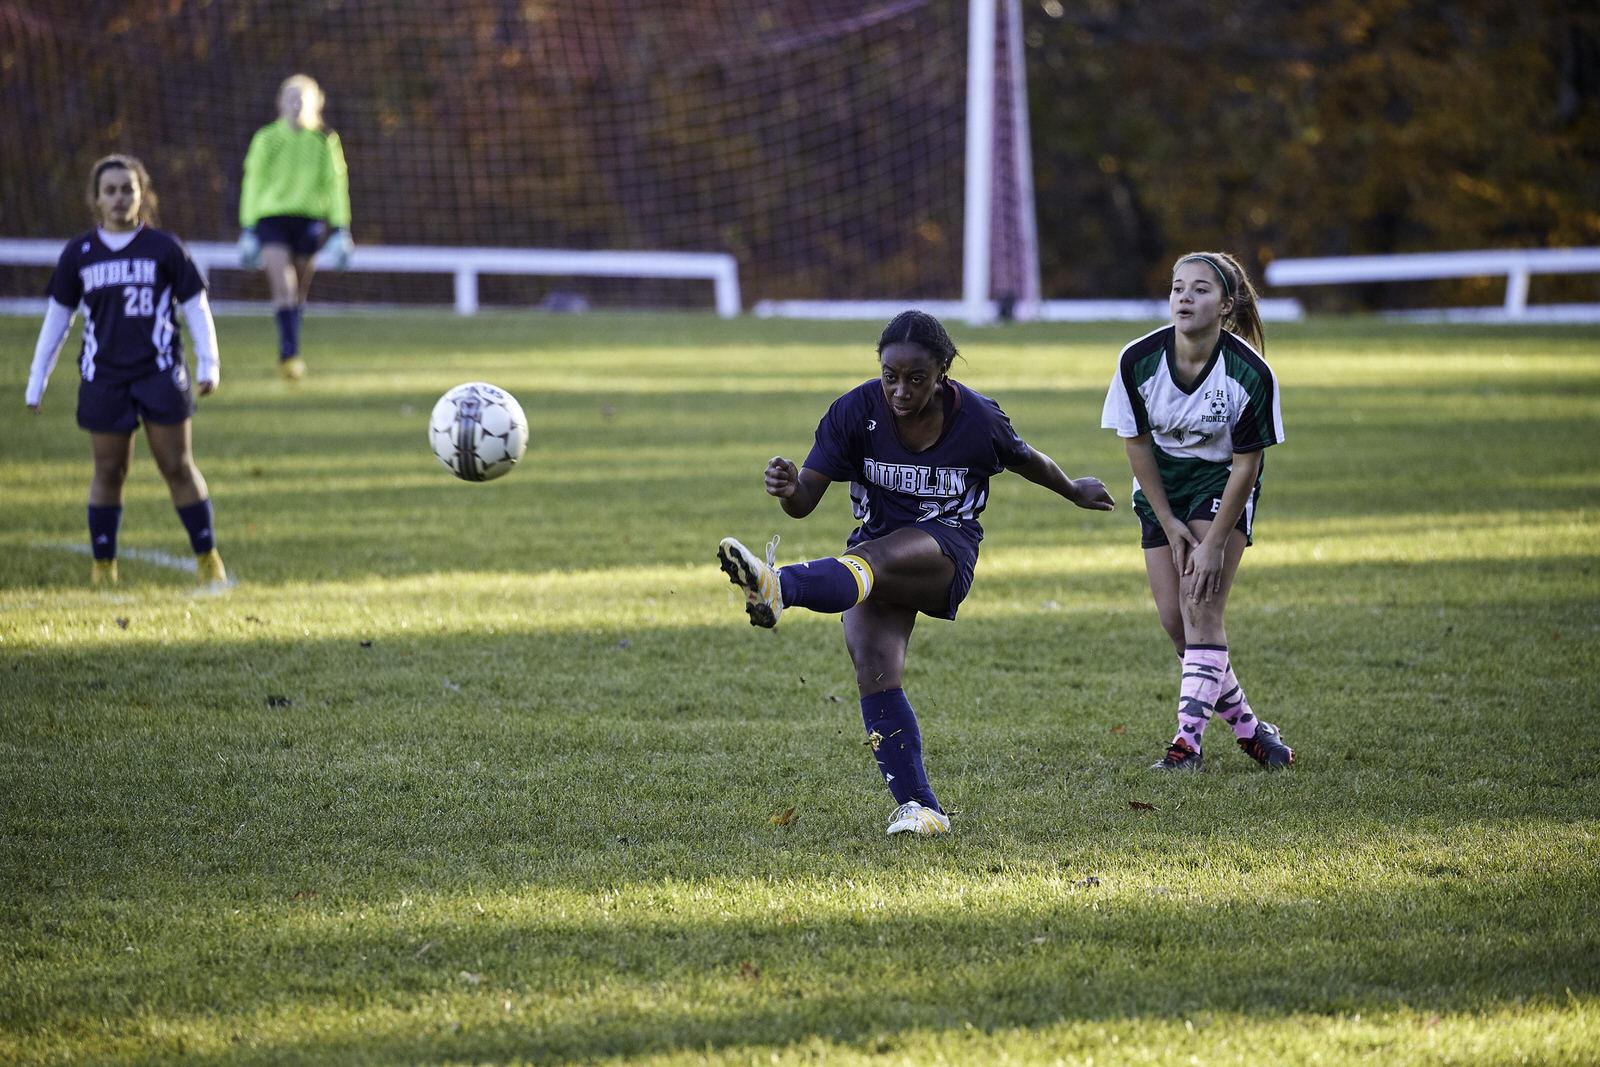 Girls Varsity Soccer vs. Eagle Hill School - October 30, 2018 138886.jpg